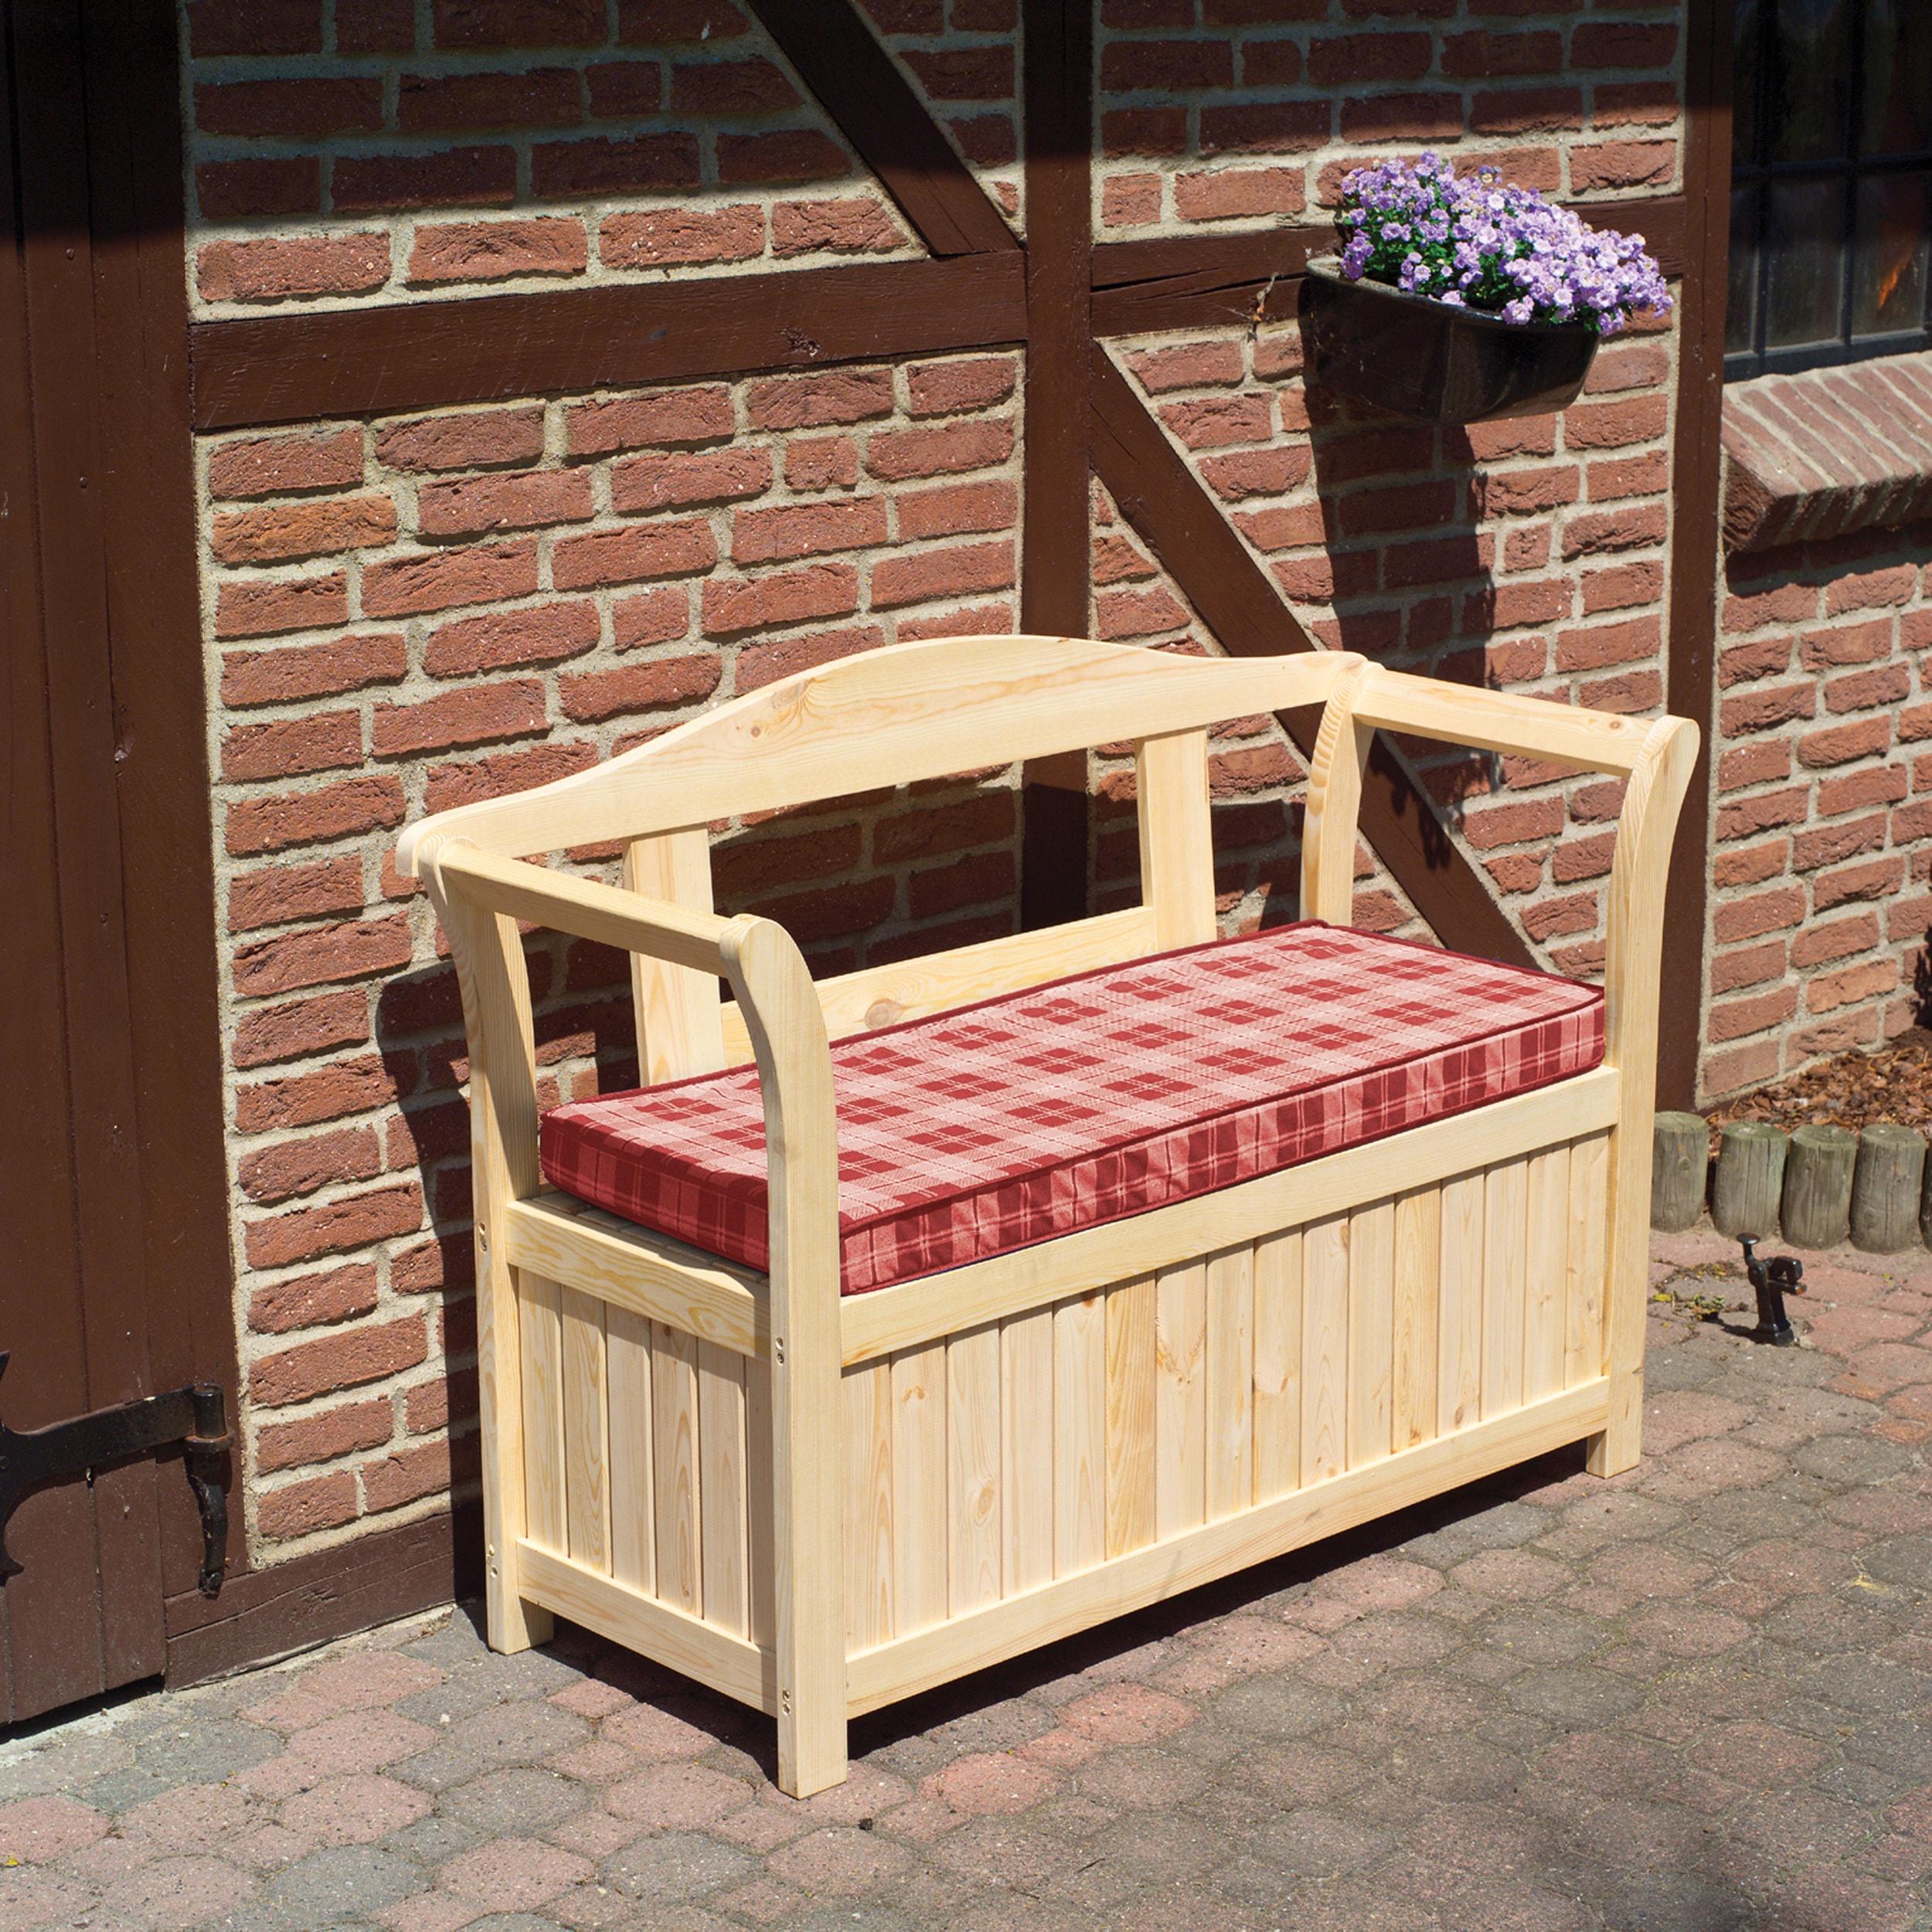 PROMADINO Gartenbank Kiefernholz 130x50x93 cm inkl Auflagen